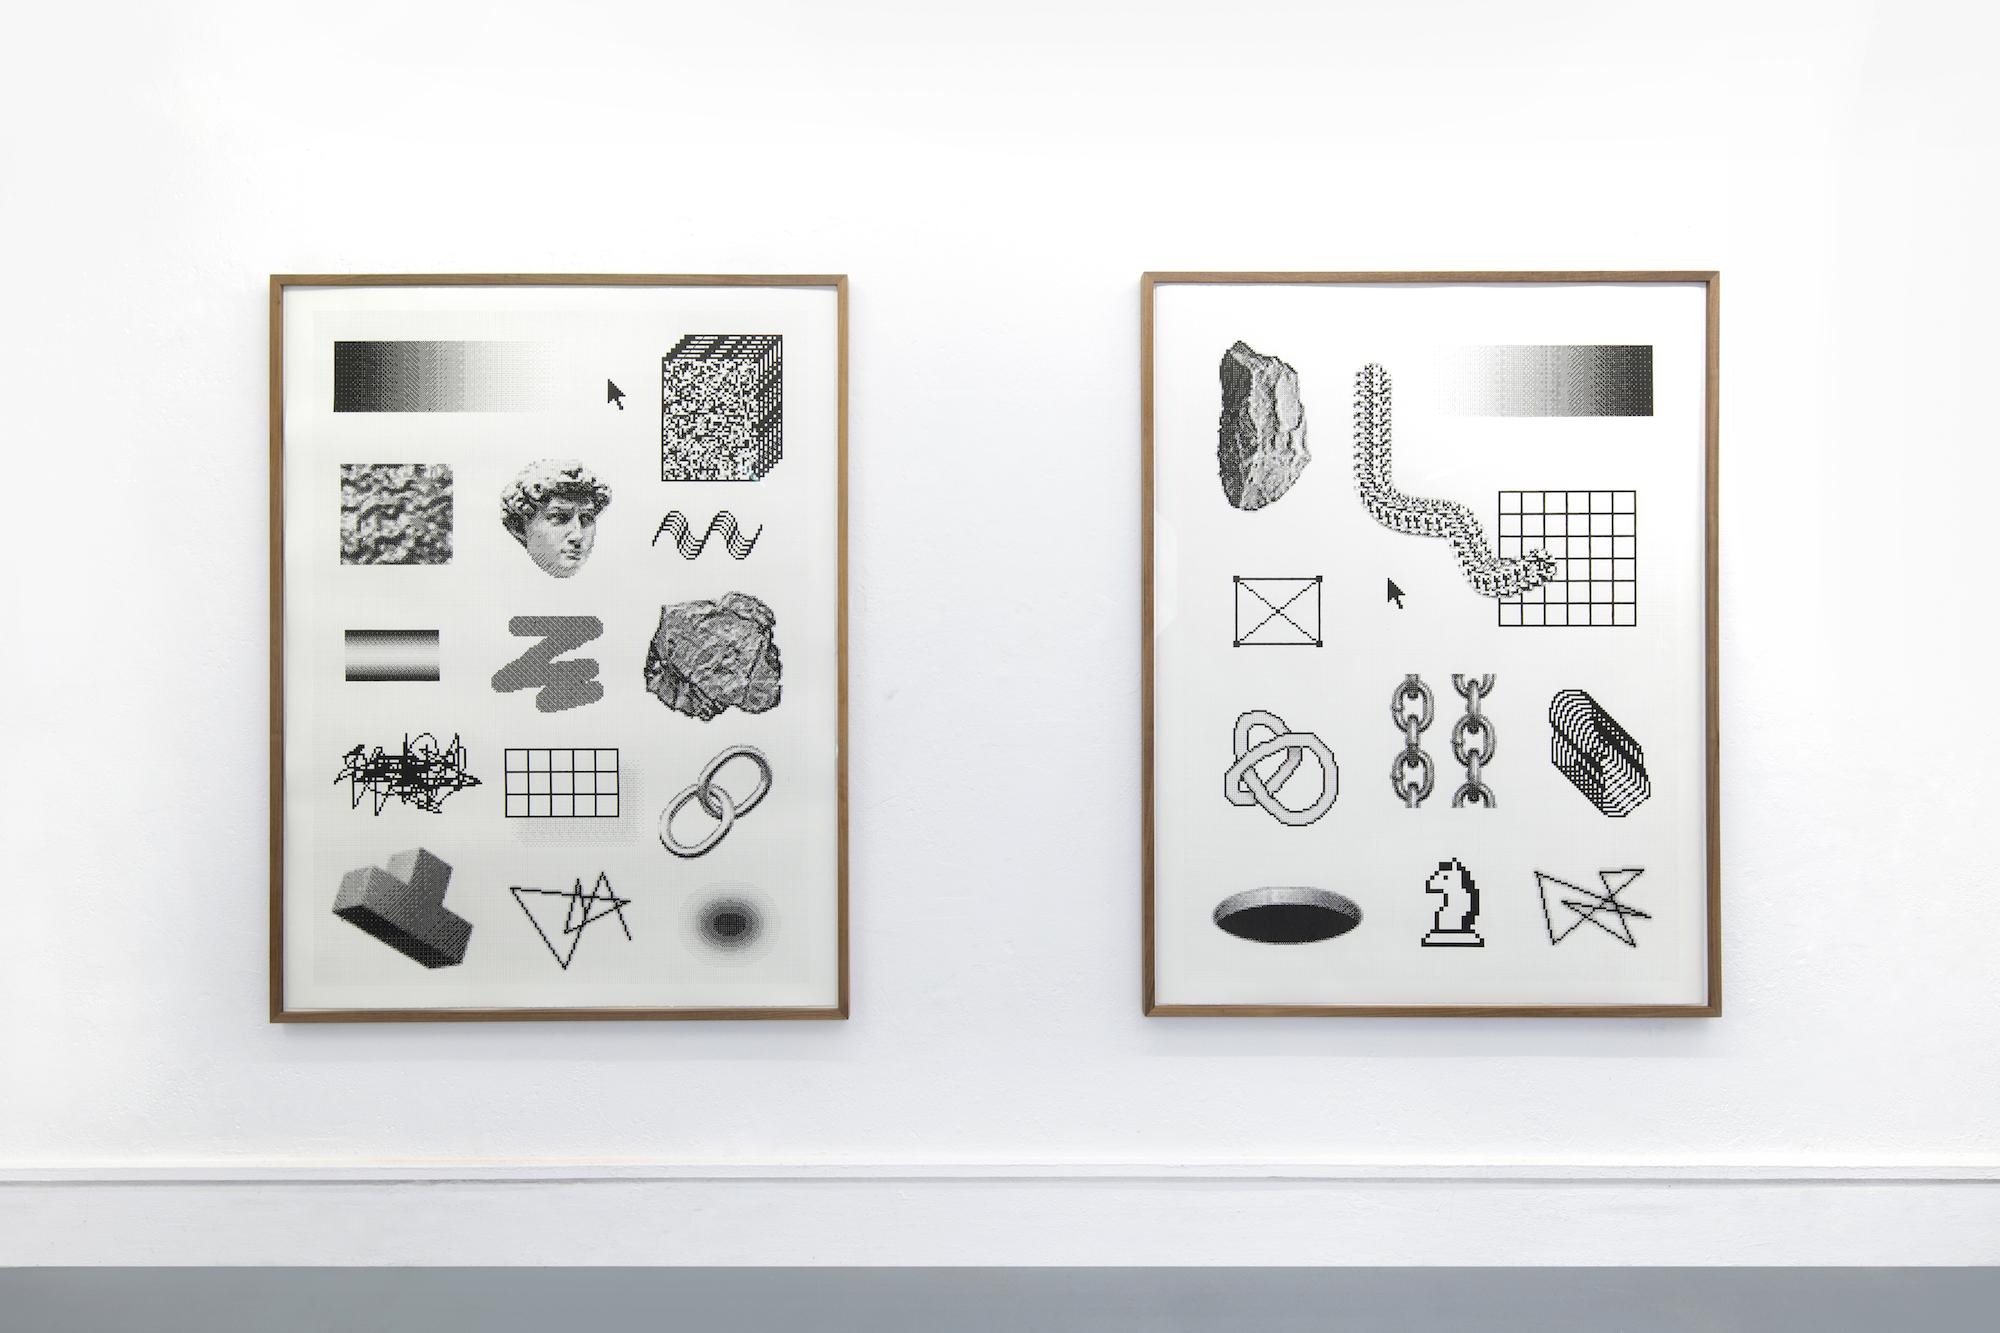 Arno Beck : Installation View 'Accumulation I & II' : Fineliner auf Papier : je 160 x 122 cm : 2019